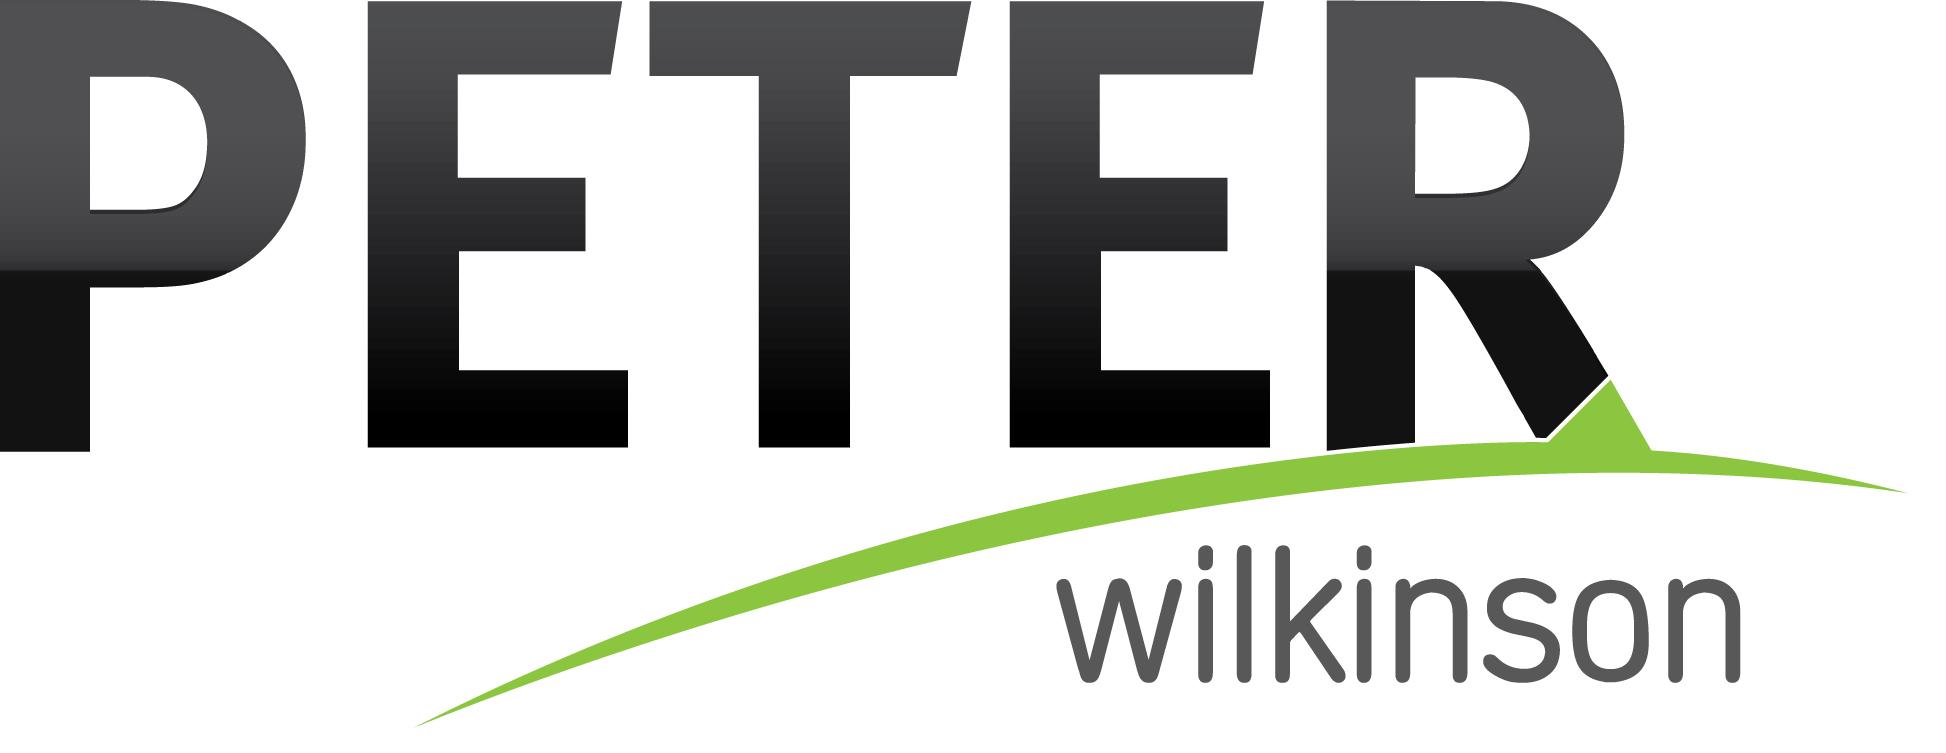 Peter Wilkinson - Social Media Consultant www.peter.uk.com